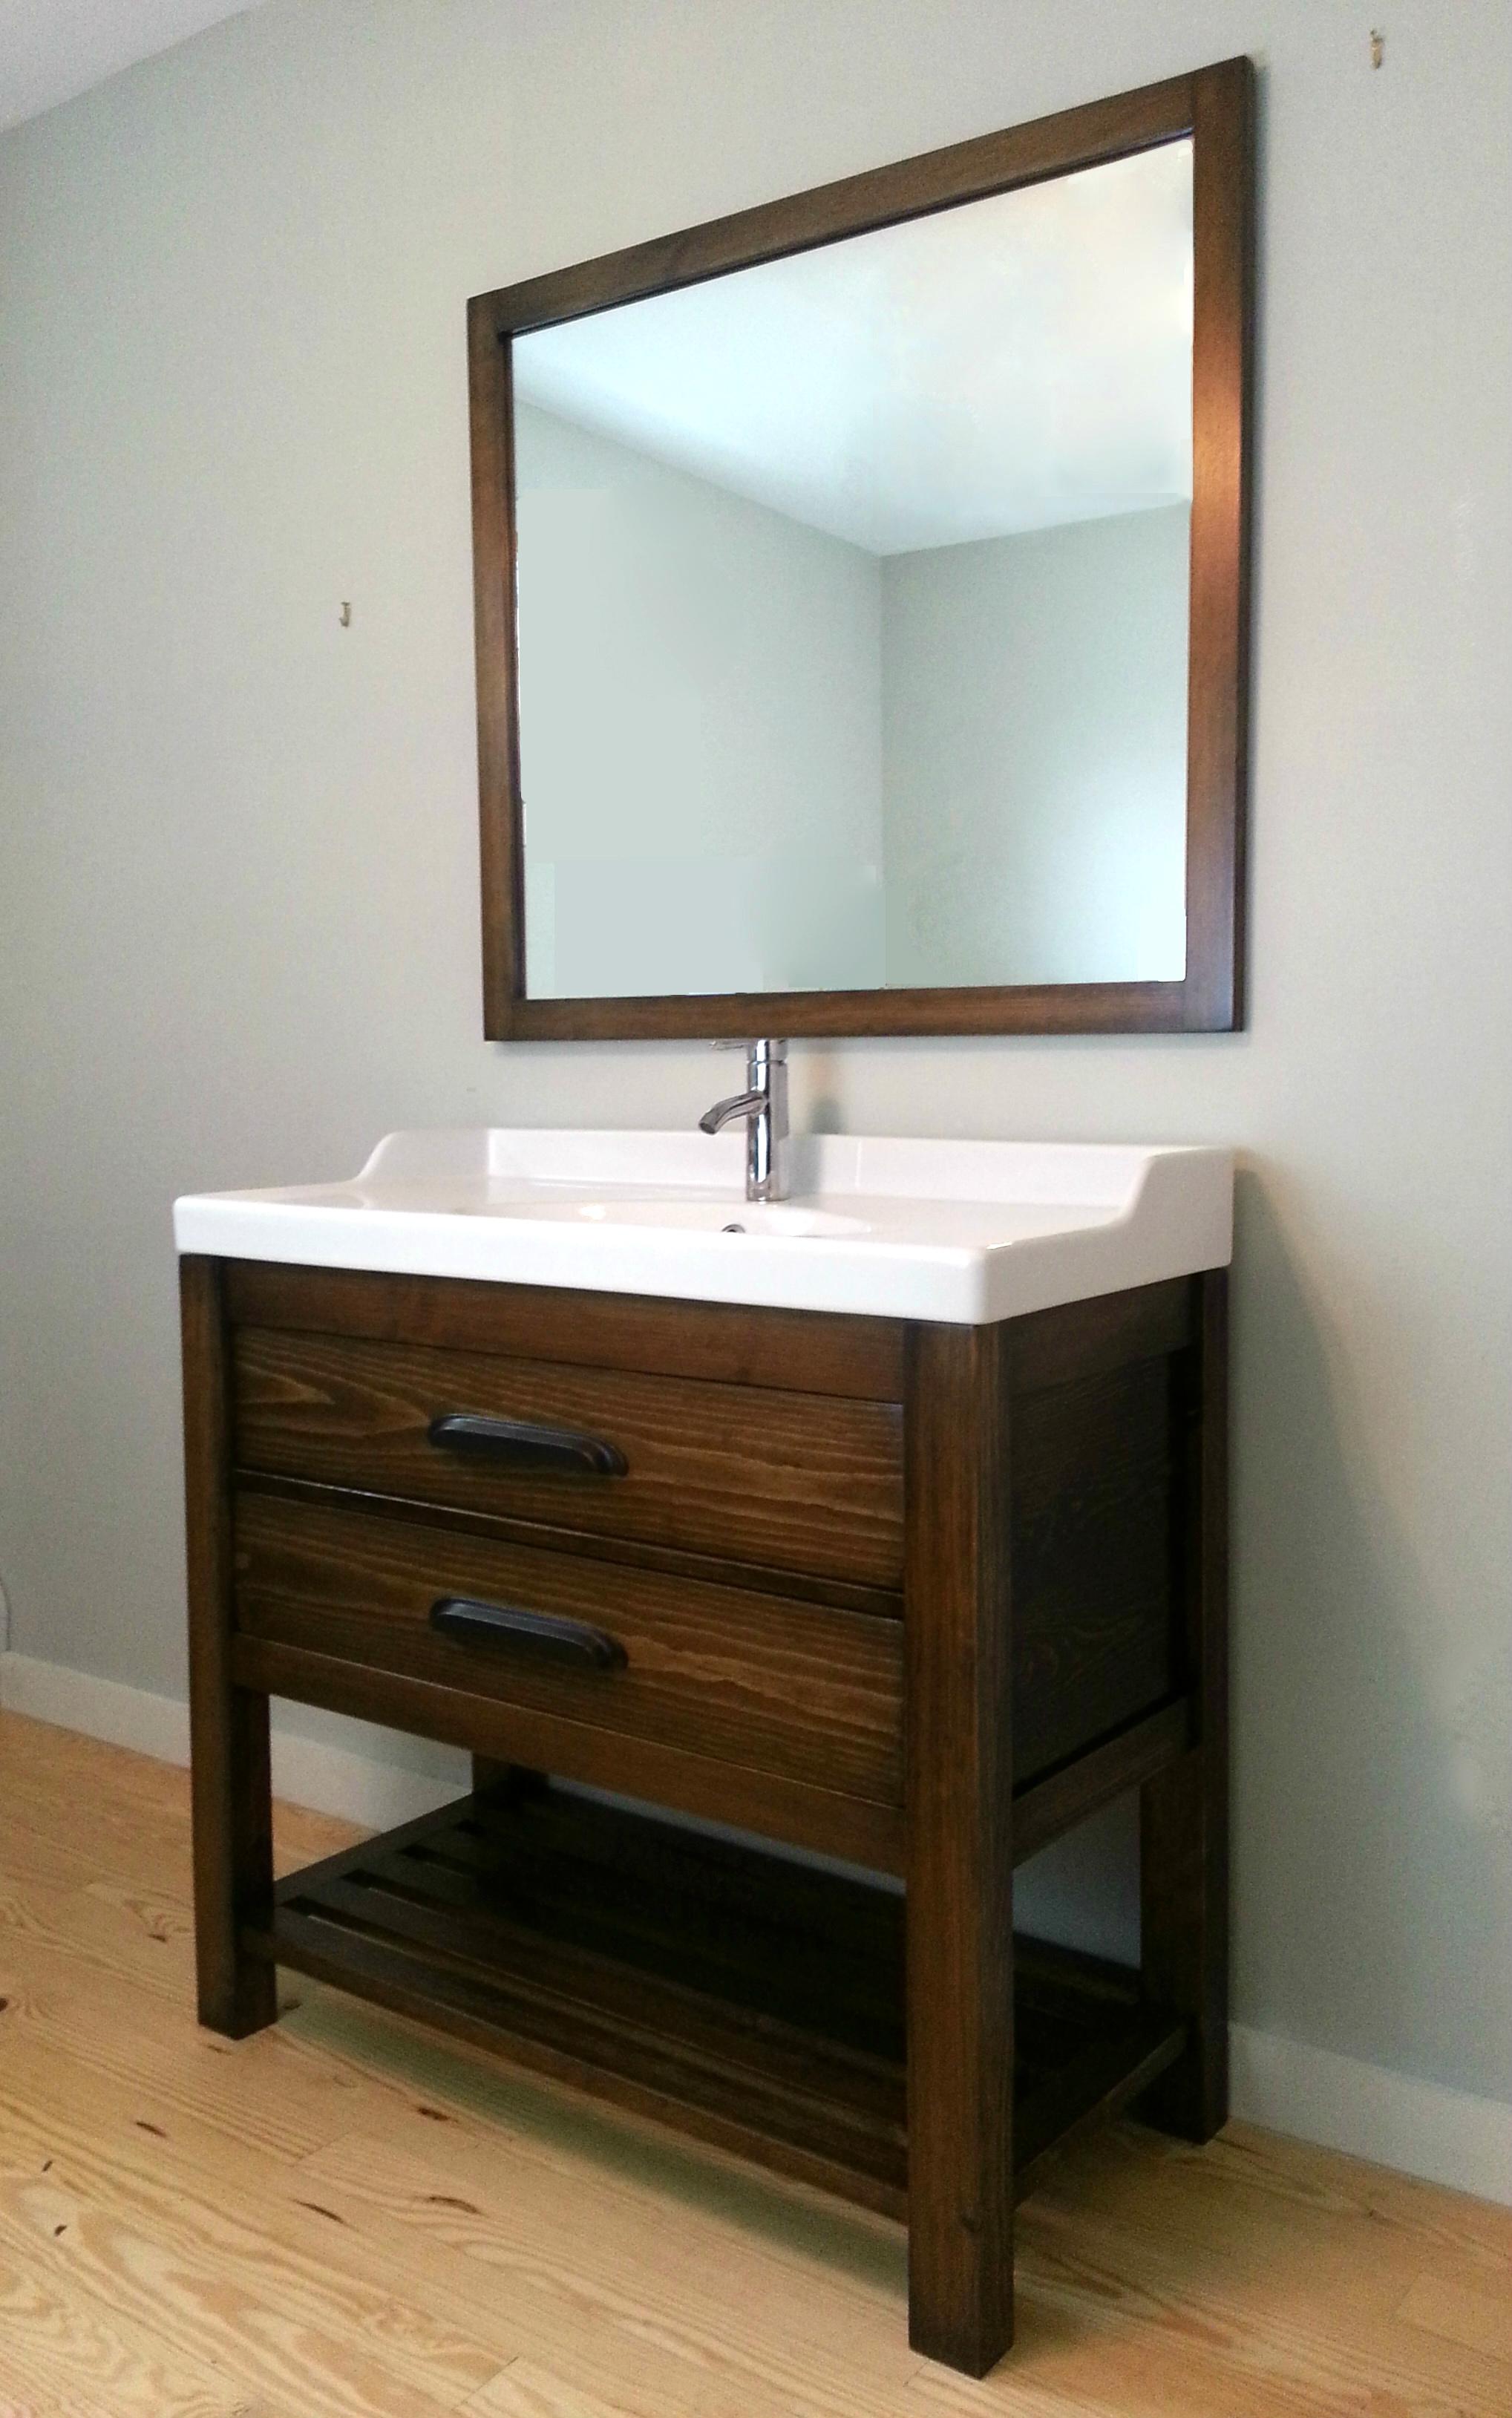 Fairfax Solid Wood Bathroom Vanity